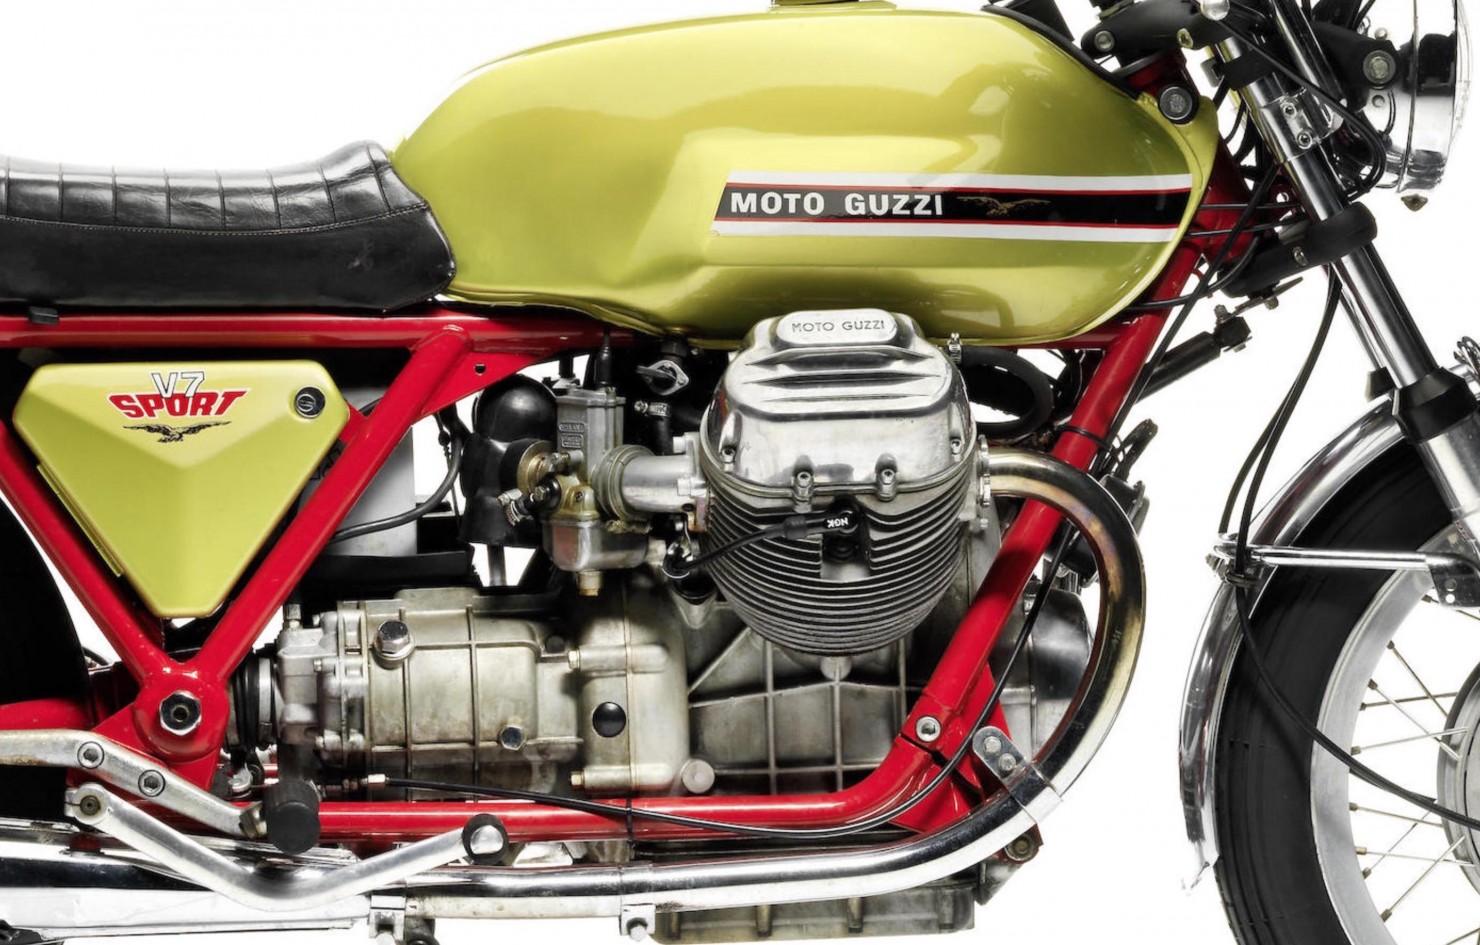 Moto Guzzi V7 Sport 3